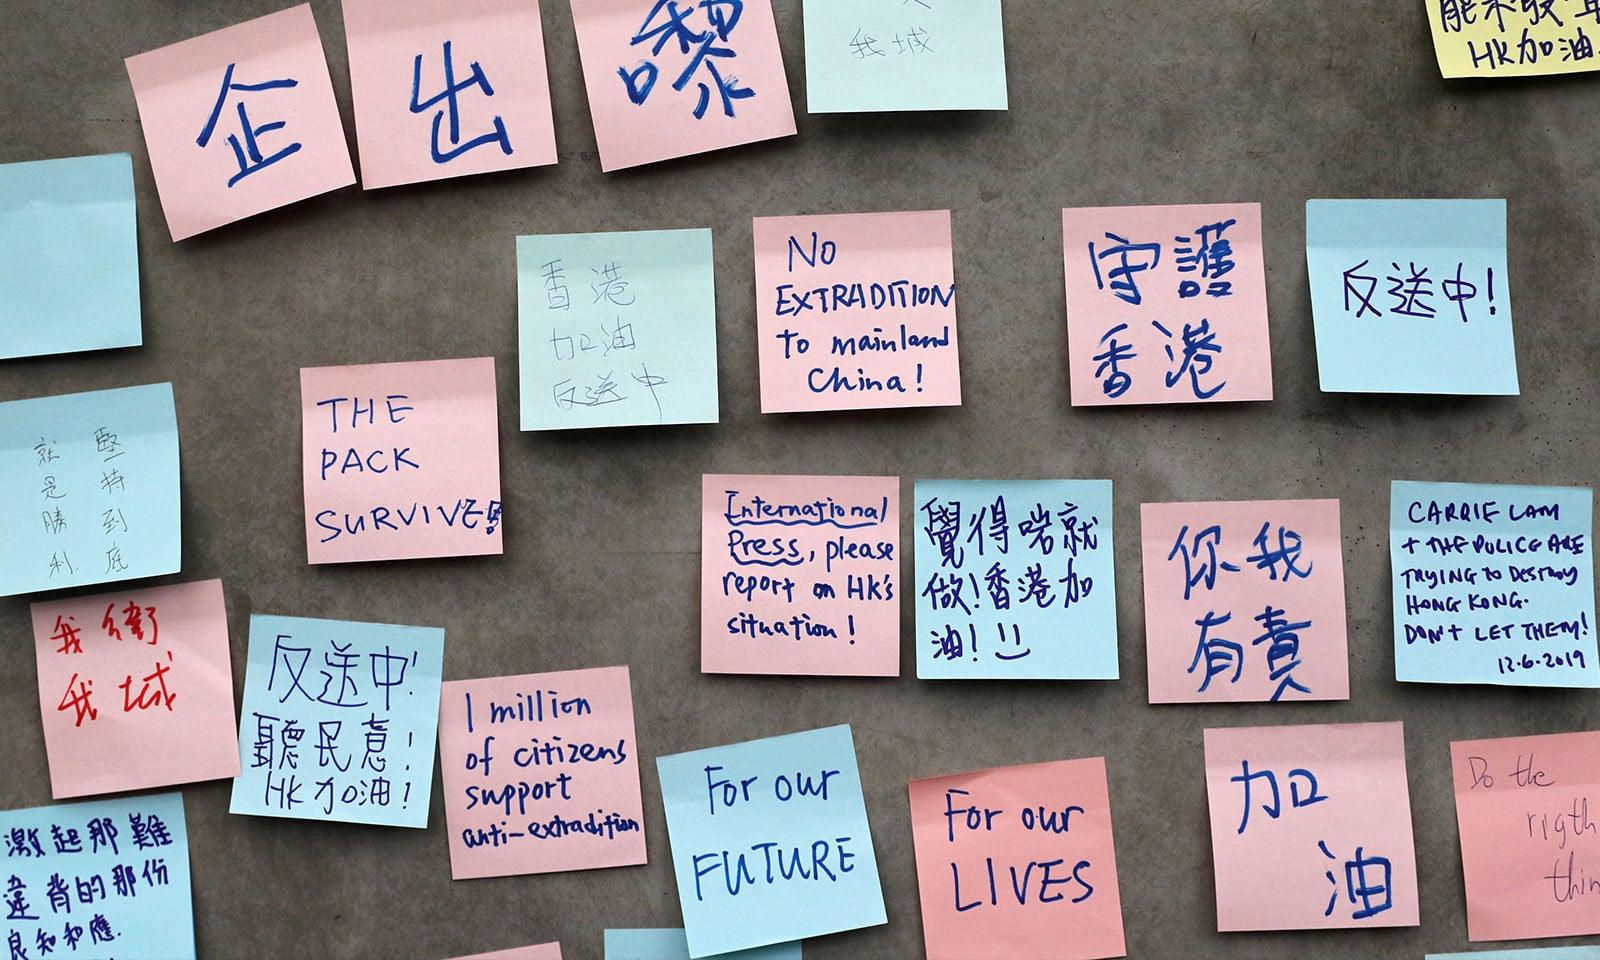 ہانک کانگ کی سرکاری عمارت کے باہر احتجاجی پیغامات بھی آویزاں کیے گئے ہیں  — فوٹو: رائٹرز